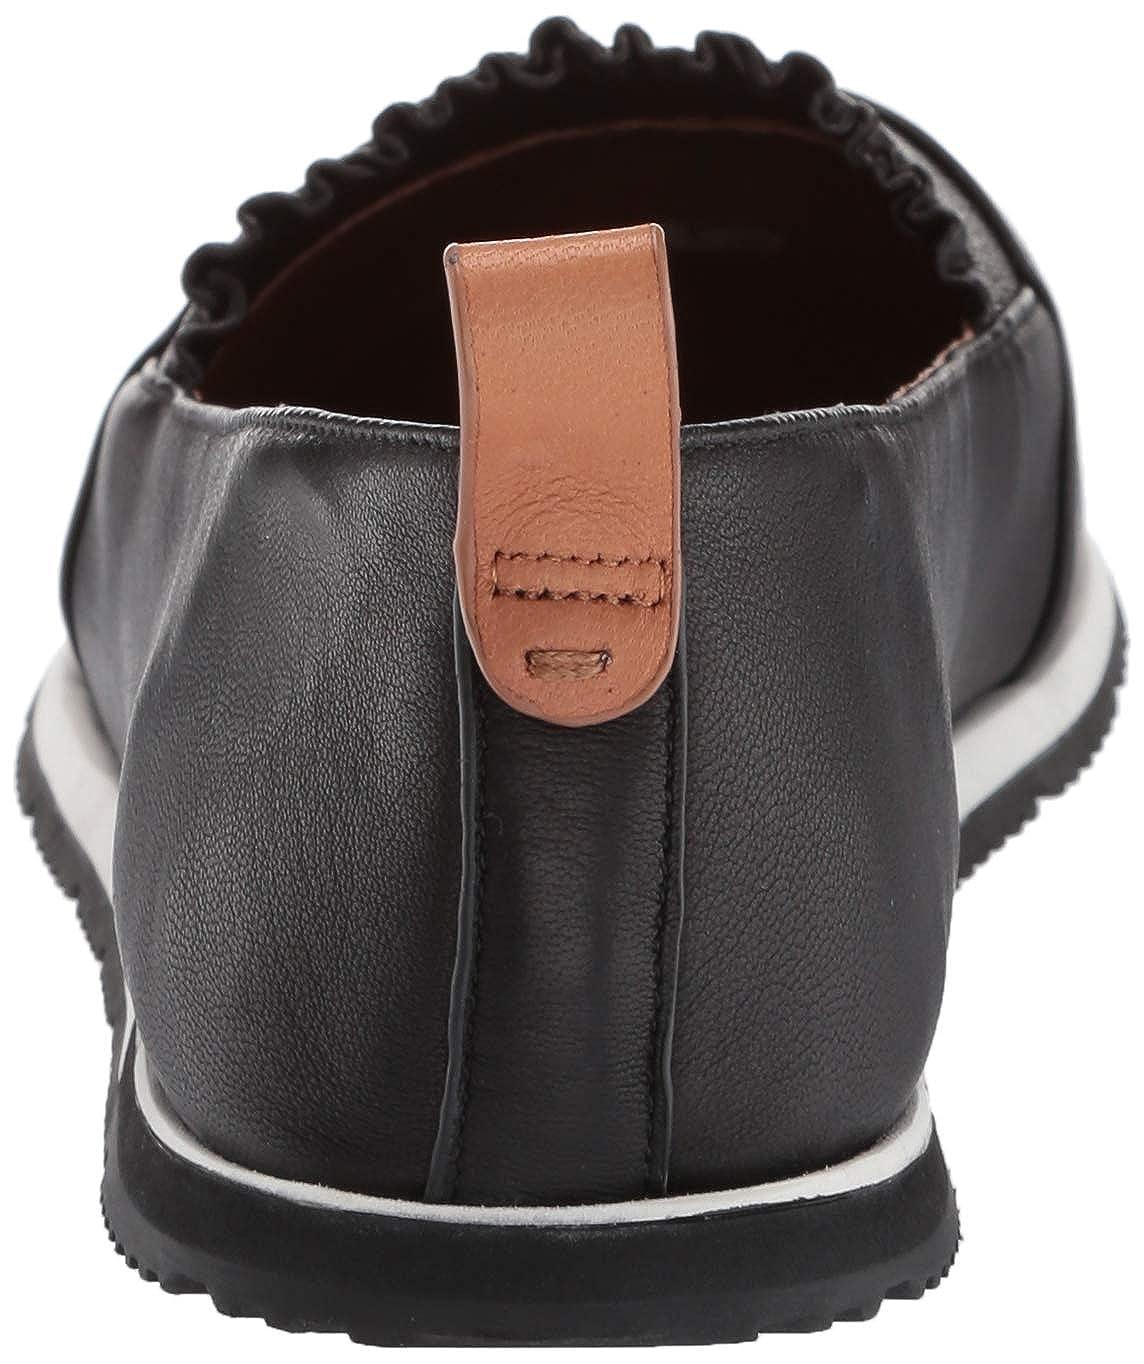 Gentle Souls Womens Luca Ruffle Slip-on Sporty Flat Sneaker